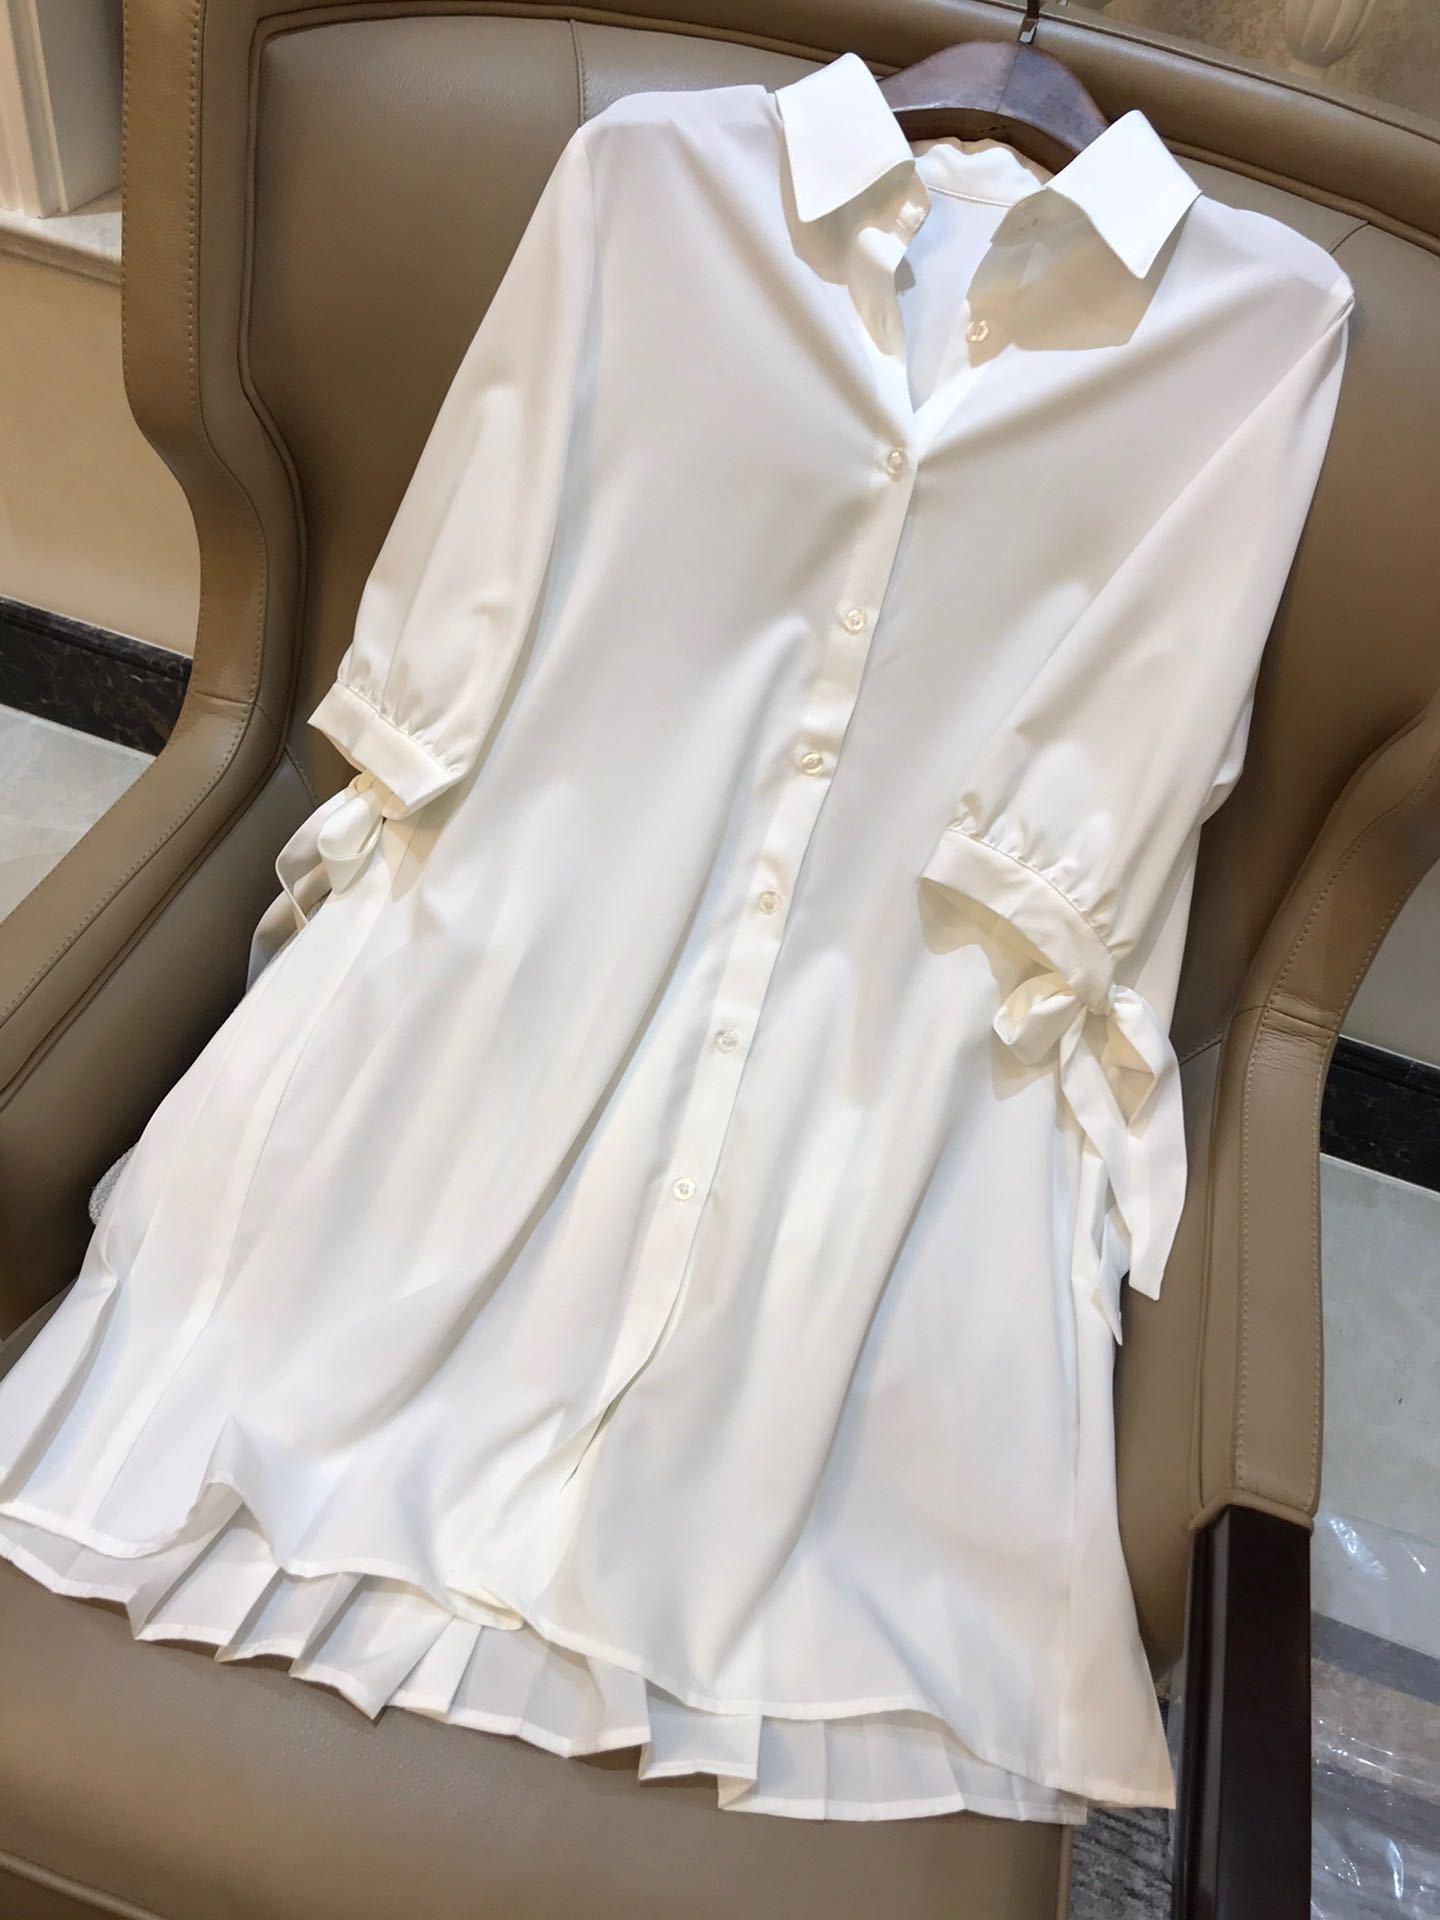 QmkB2 sel rafraîchissant doux et l'âge réduisant beau retour de revers plissé moyen chemise blanche de style jupe longue chemise blanche et longue robe fem